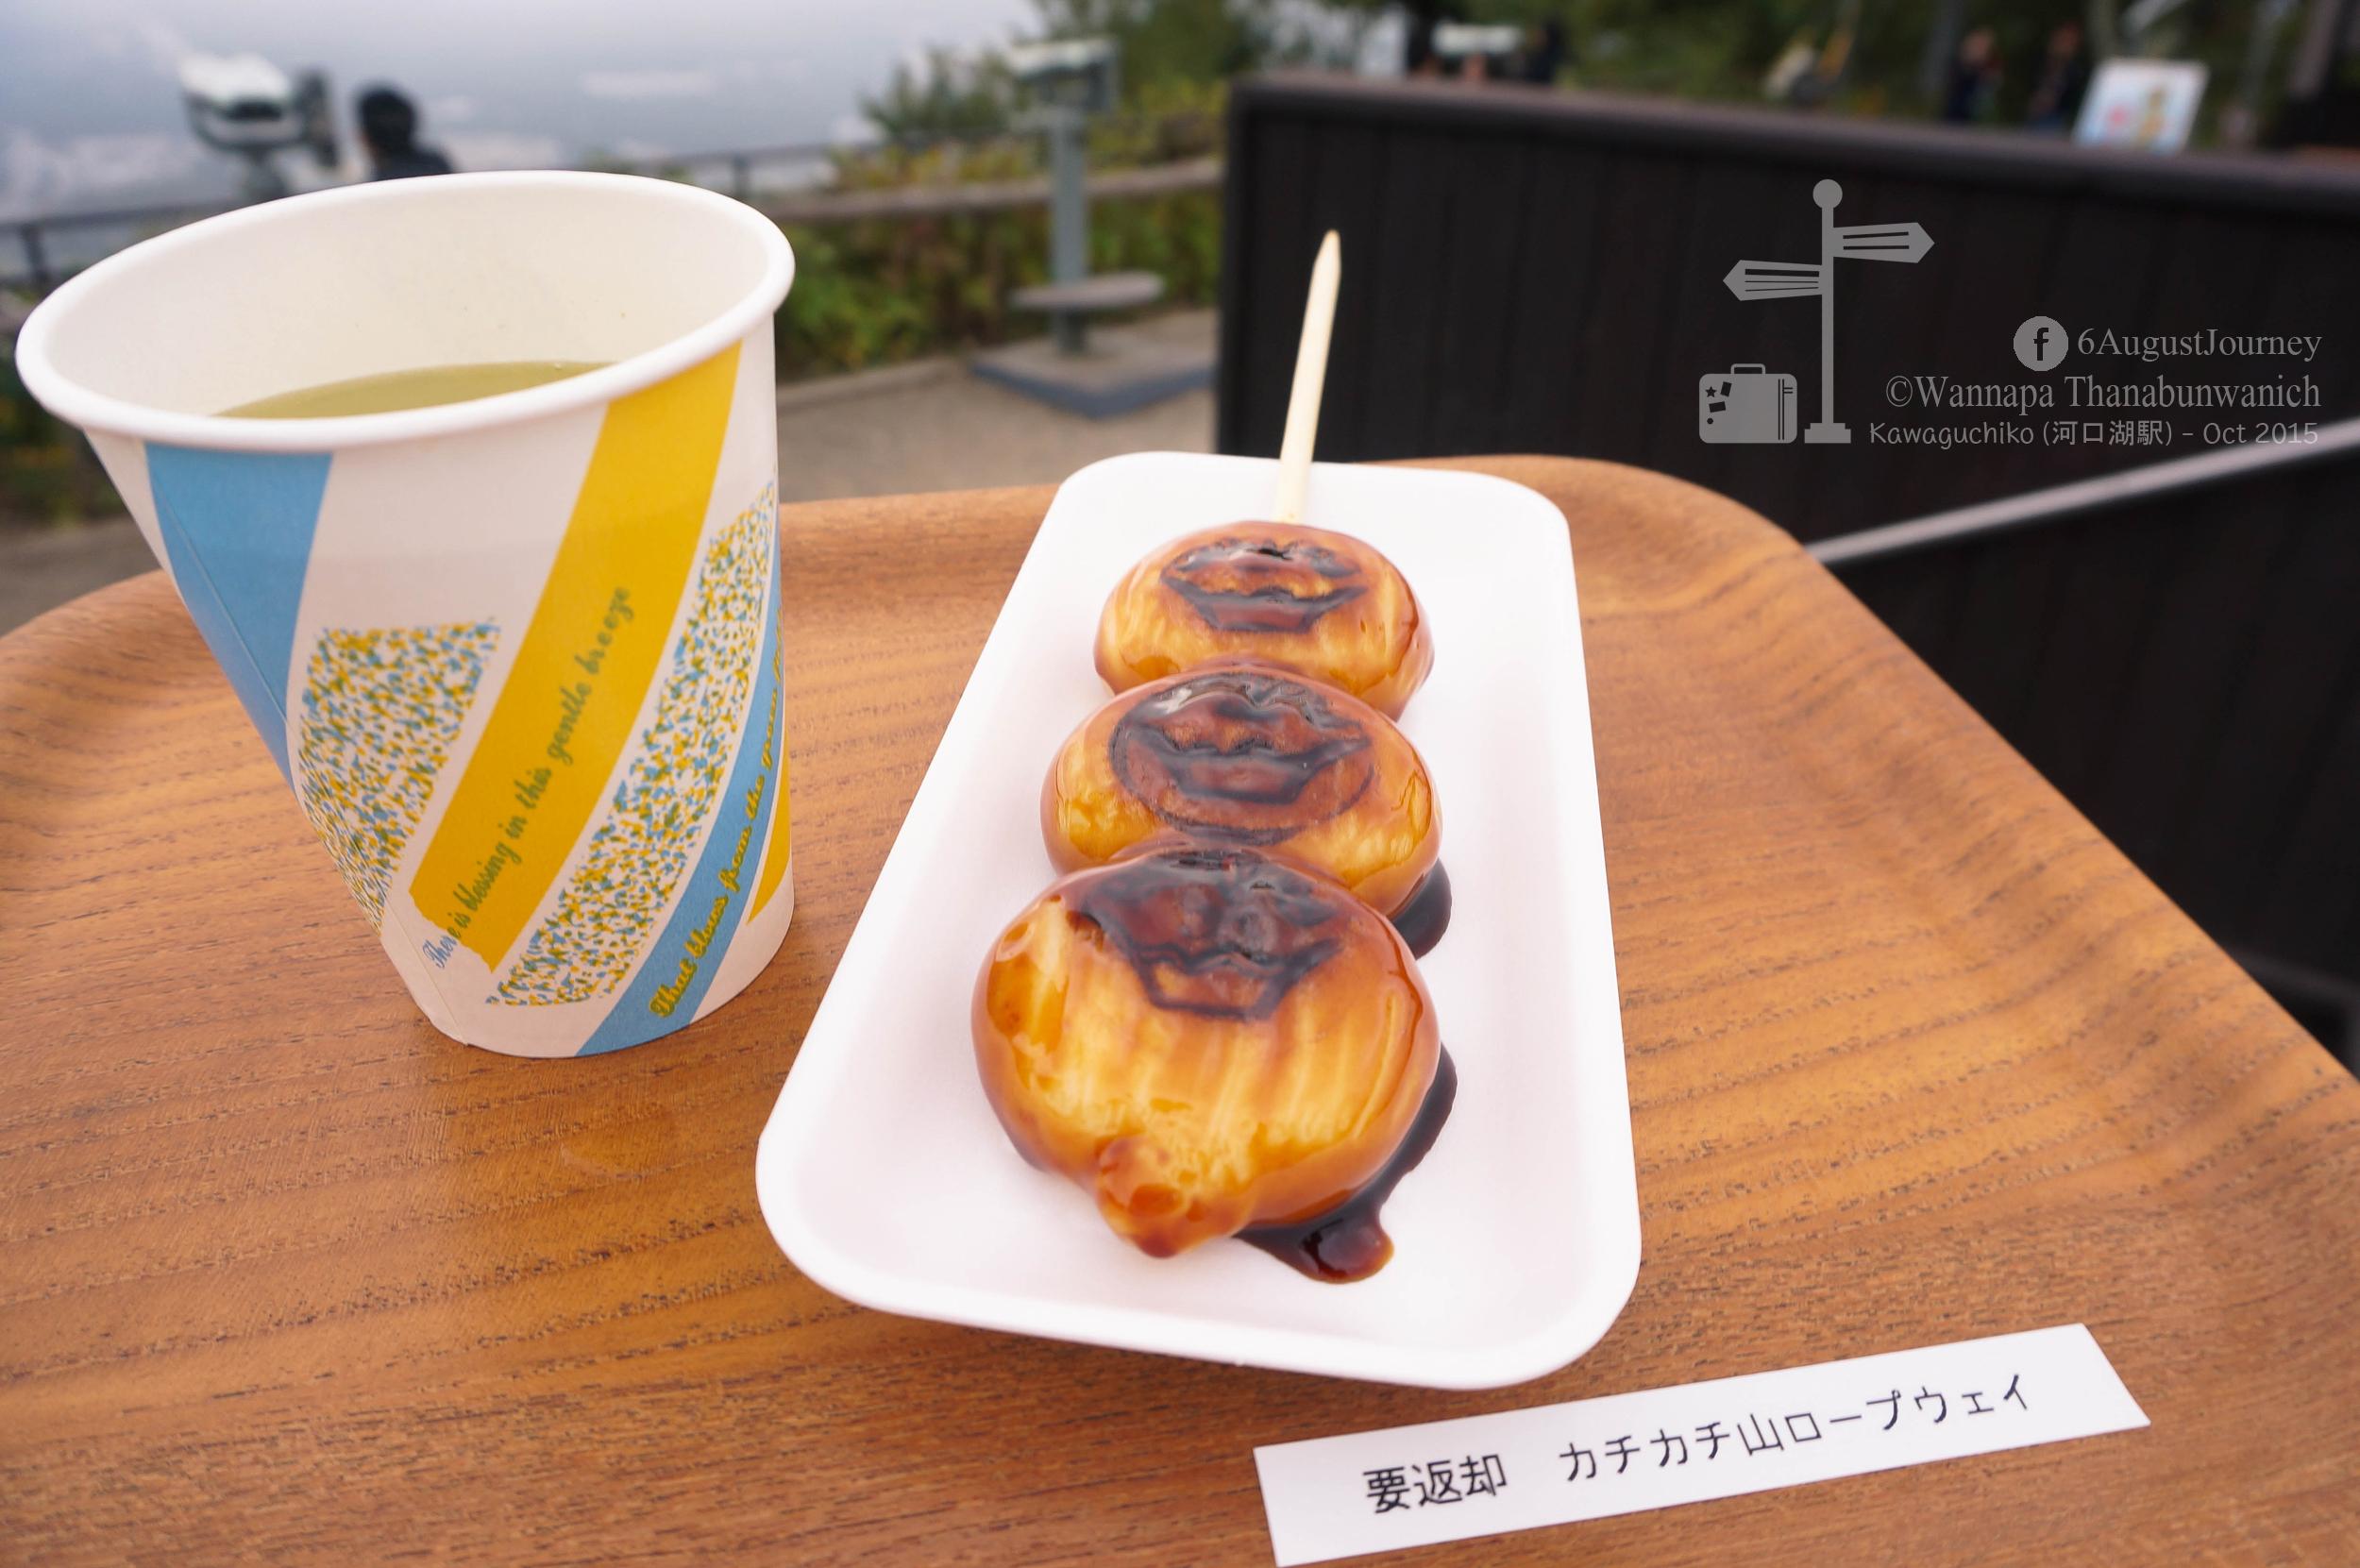 ขนมก็ยังมีรูป ภูเขาไฟฟูจิ ดื่มคู่กับชาร้อน แก้เลี่ยน